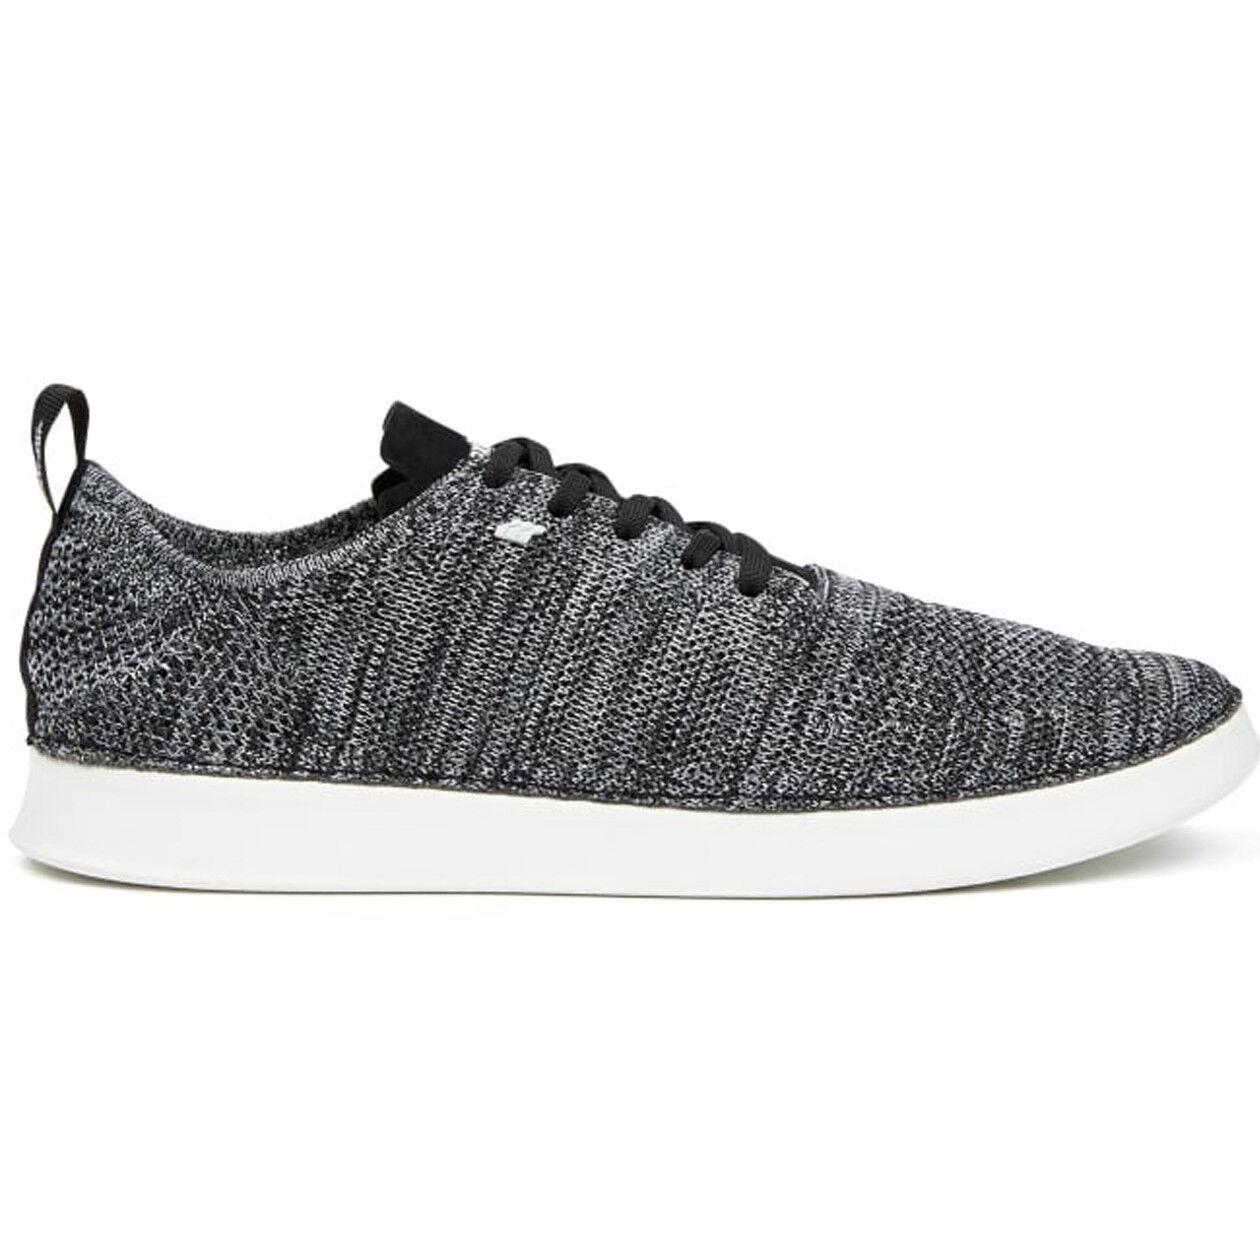 Boxfresh Herren Herren Boxfresh Sneaker YANSTA SH KNIT 15cf22